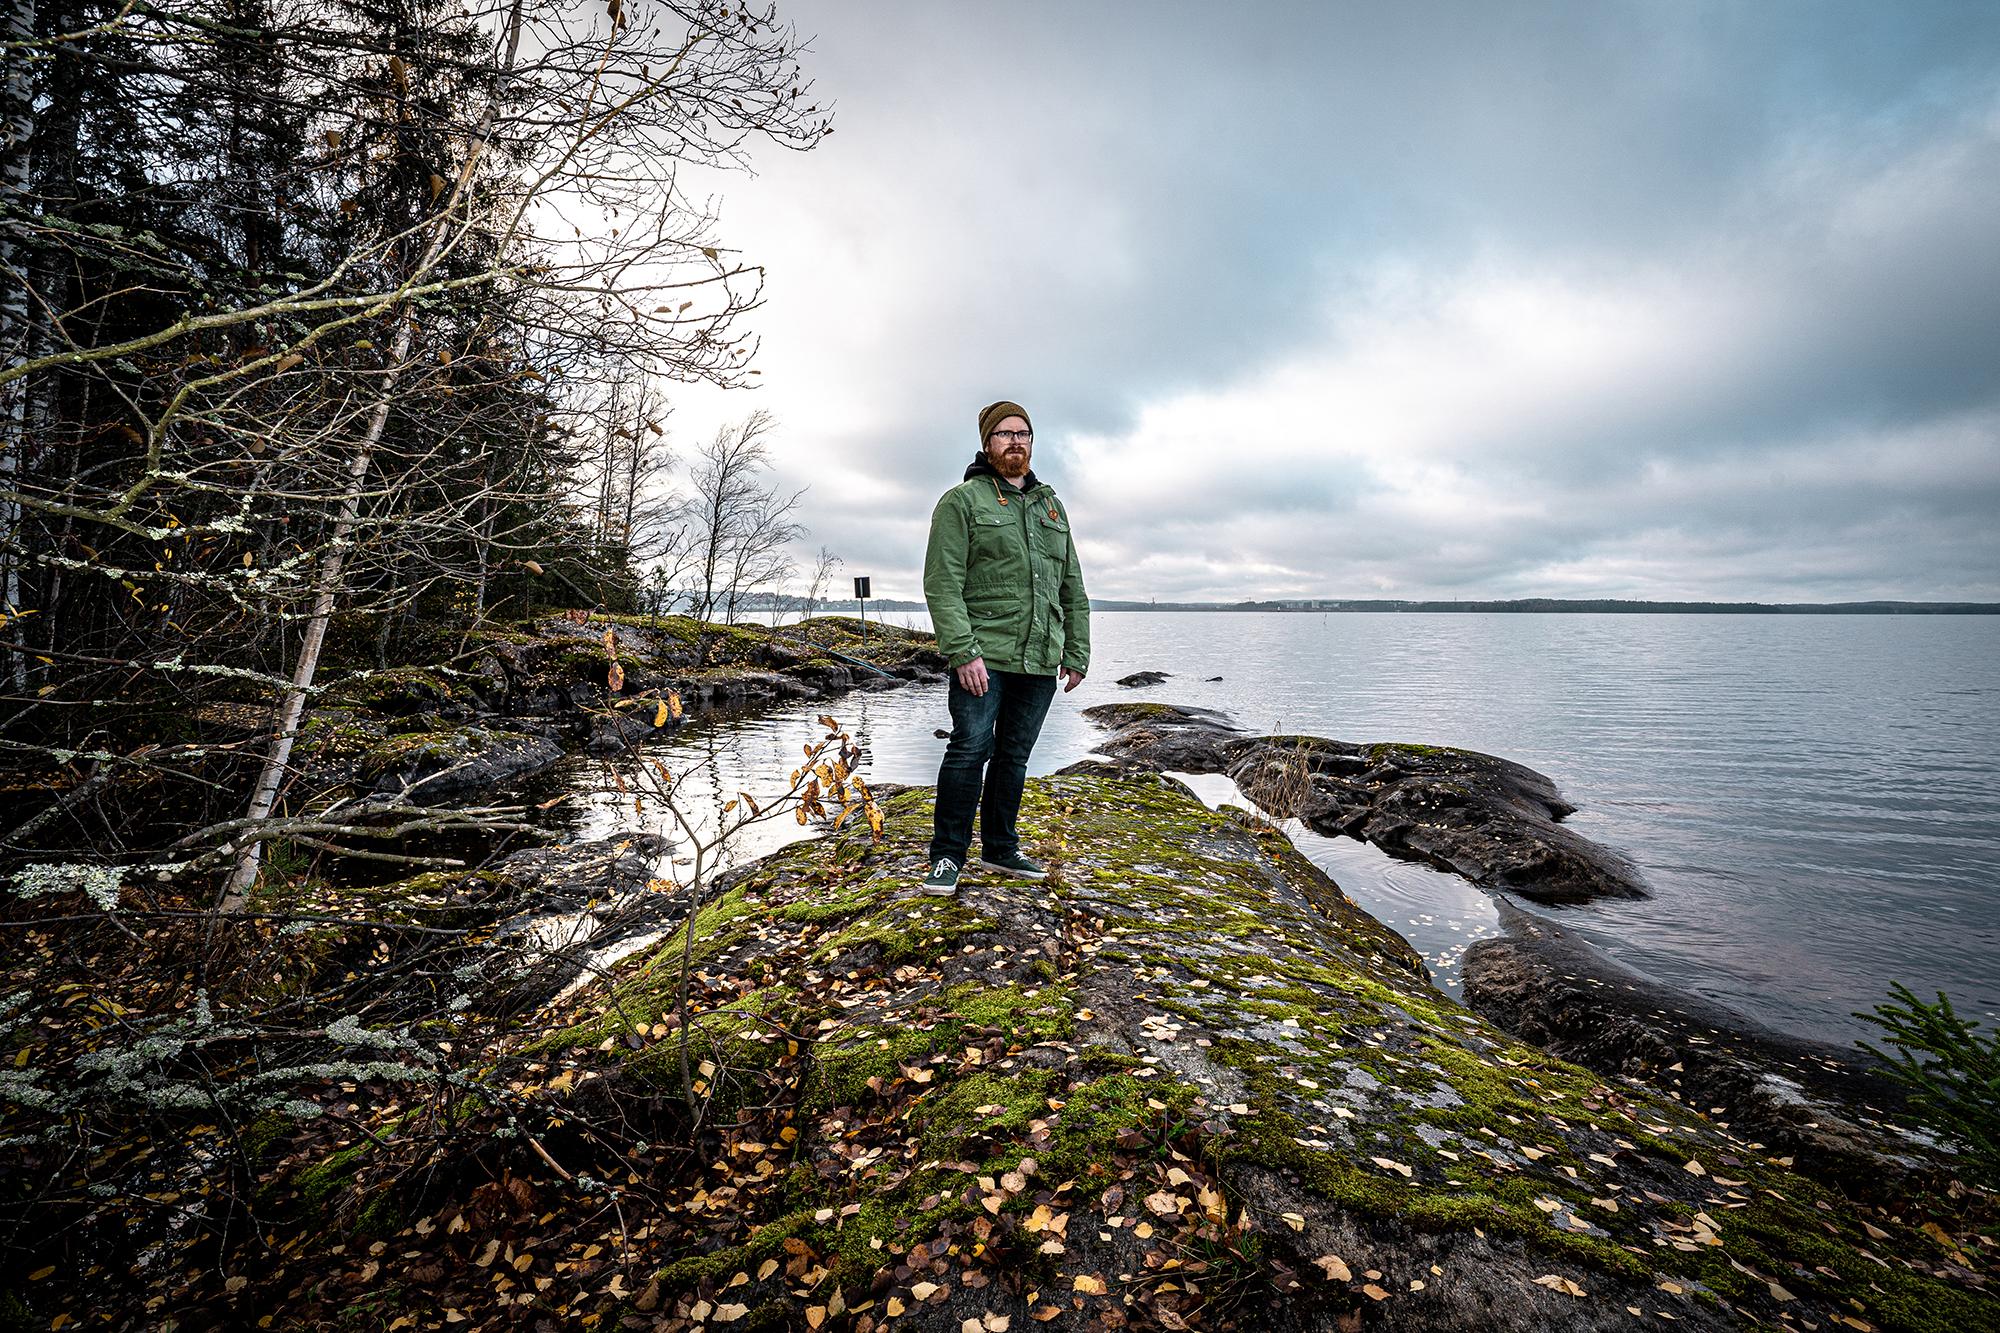 Mieshenkilö seisoo kivikon päällä järven rannassa.